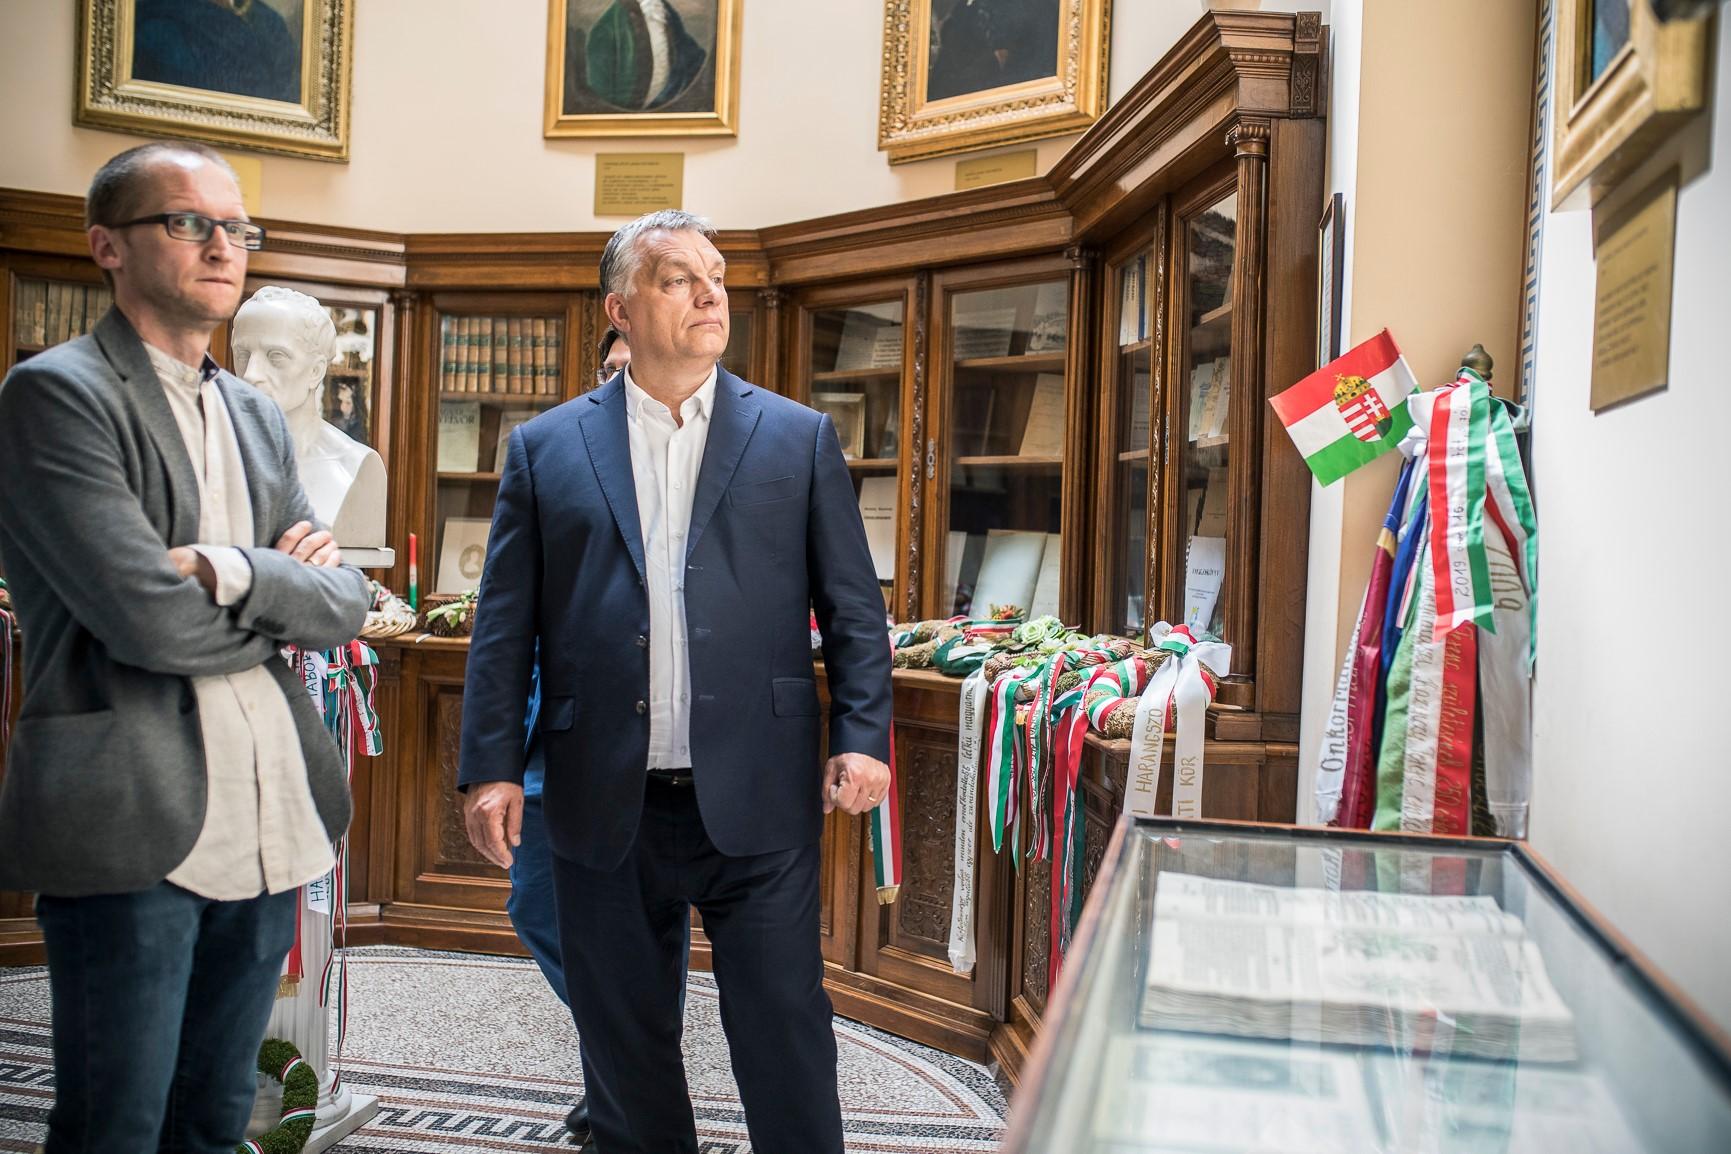 A kormánypártok a Gothár-ügyre hivatkozva szavazzák meg az egész magyar kultúrát felforgató törvényt